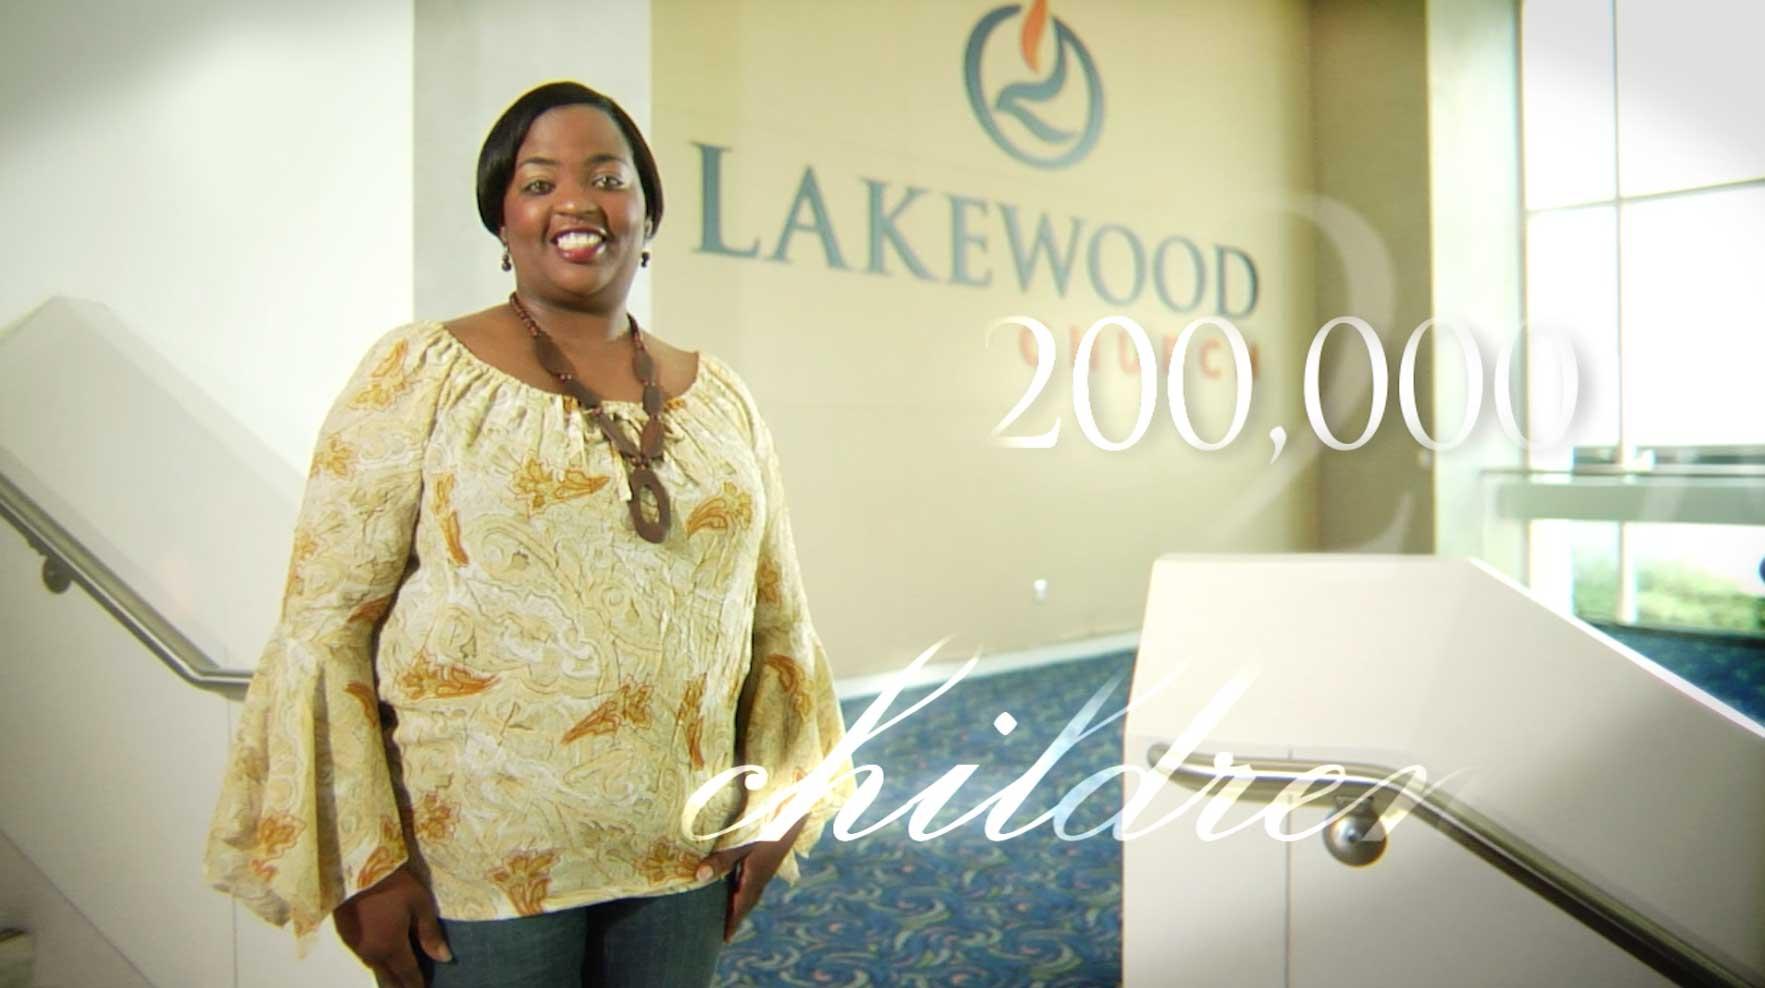 I Am Lakewood